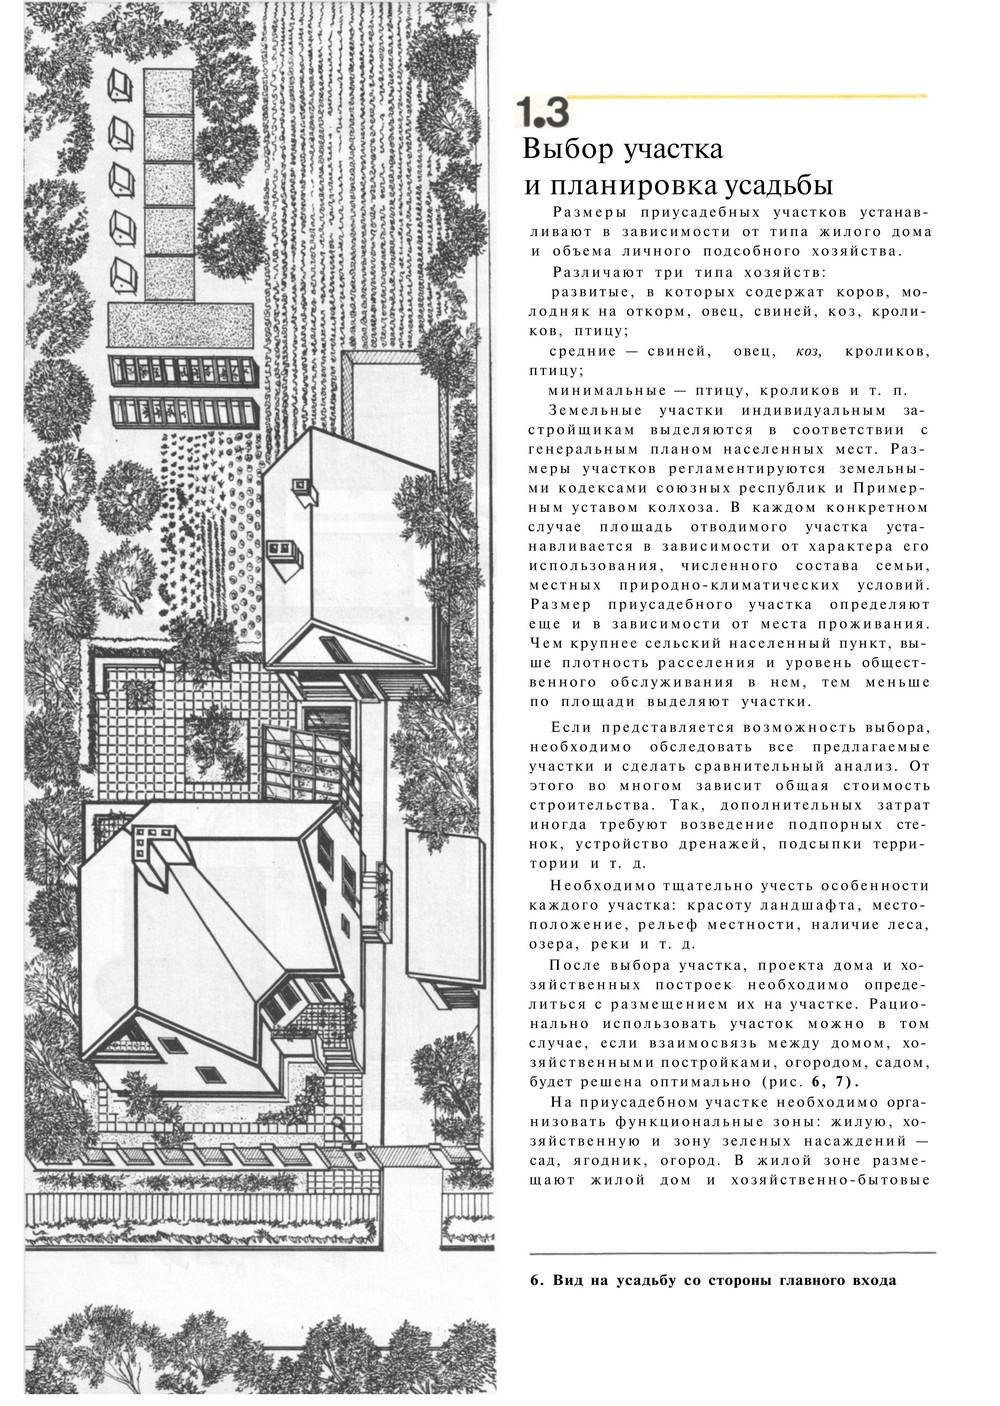 http://images.vfl.ru/ii/1386004033/cd339341/3666510.jpg